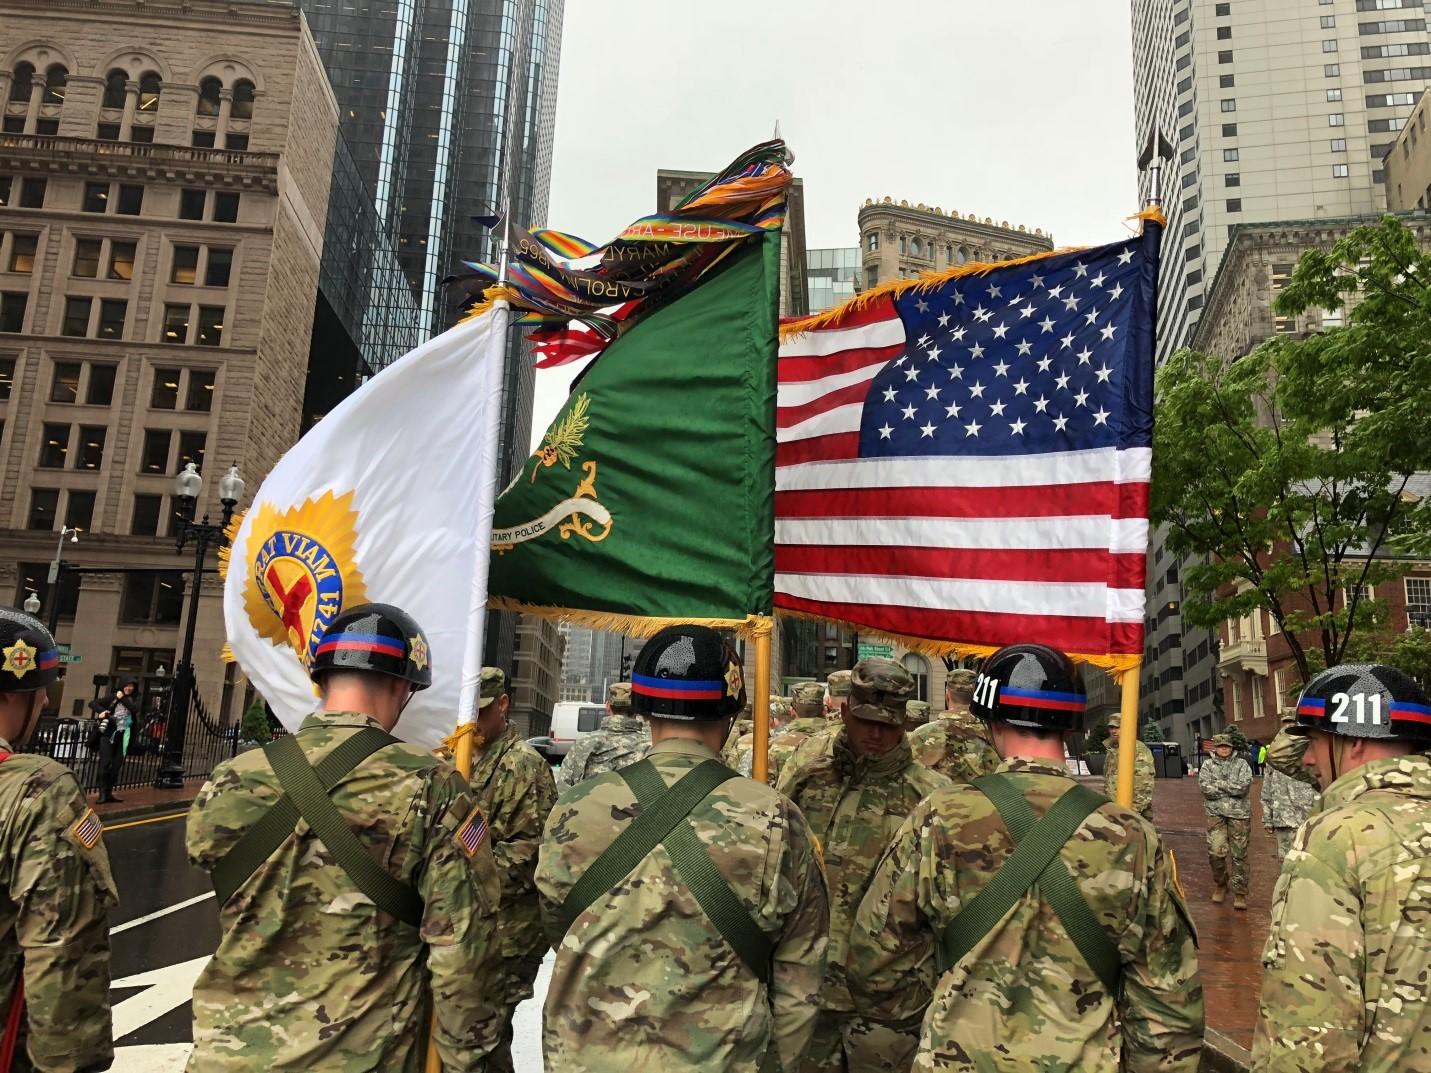 Commander and Color Guard, 21th MP BN (FCC), Prepare to March